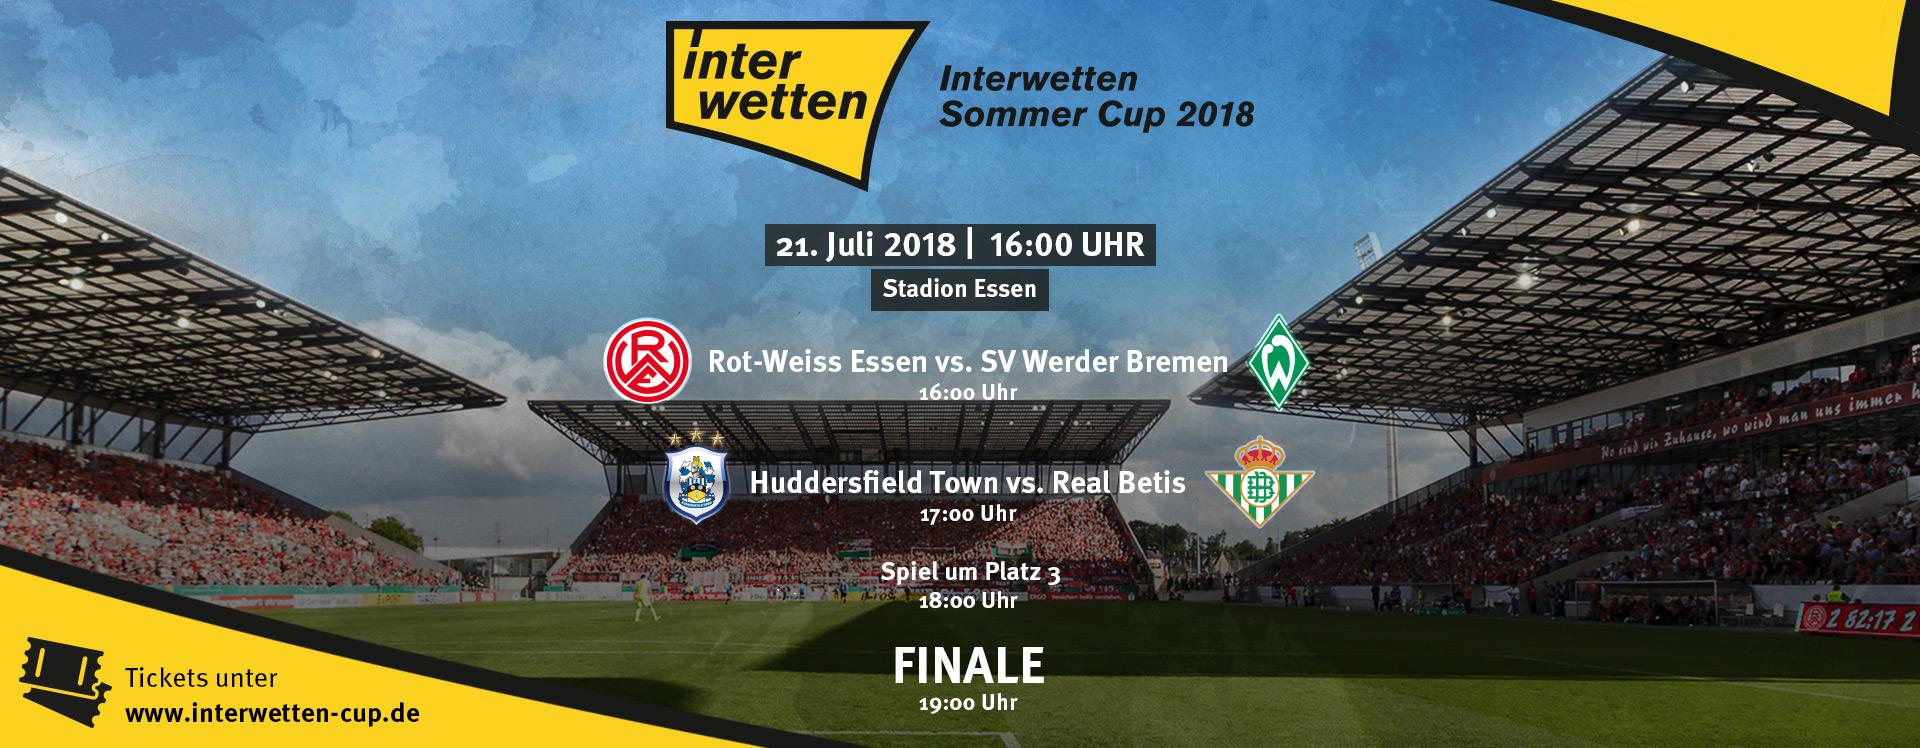 RWE trifft im ersten Halbfinale des Tages auf den SV Werder Bremen.